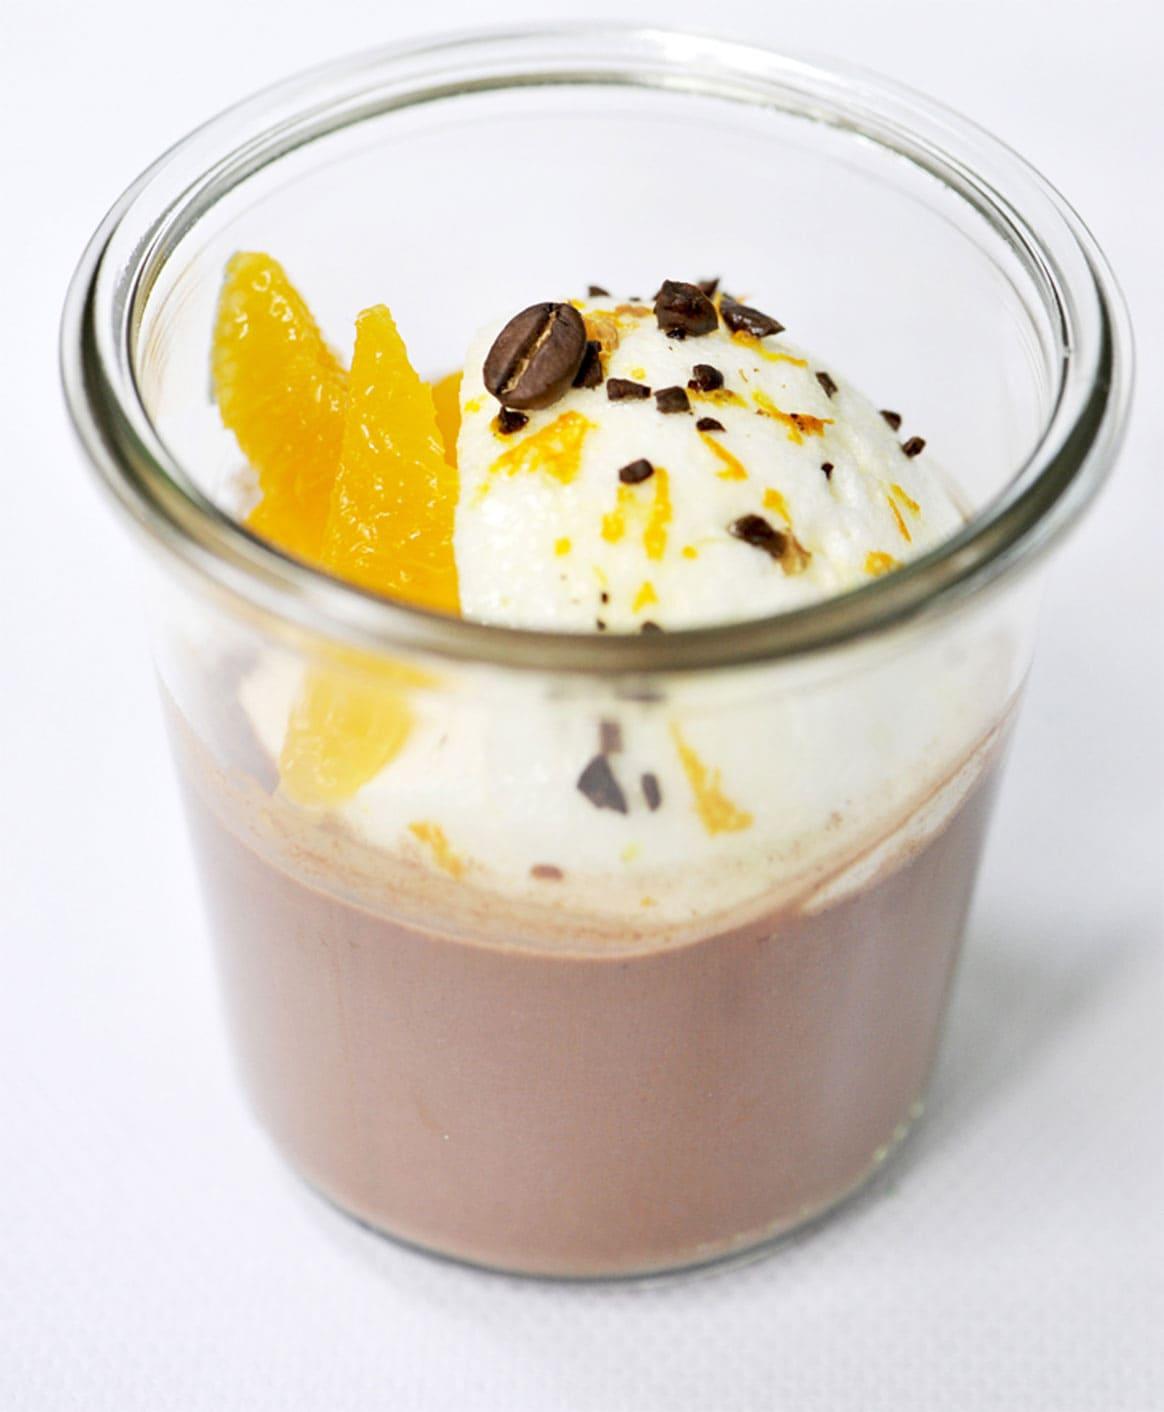 Île flottante café mandarine chocolat chaud